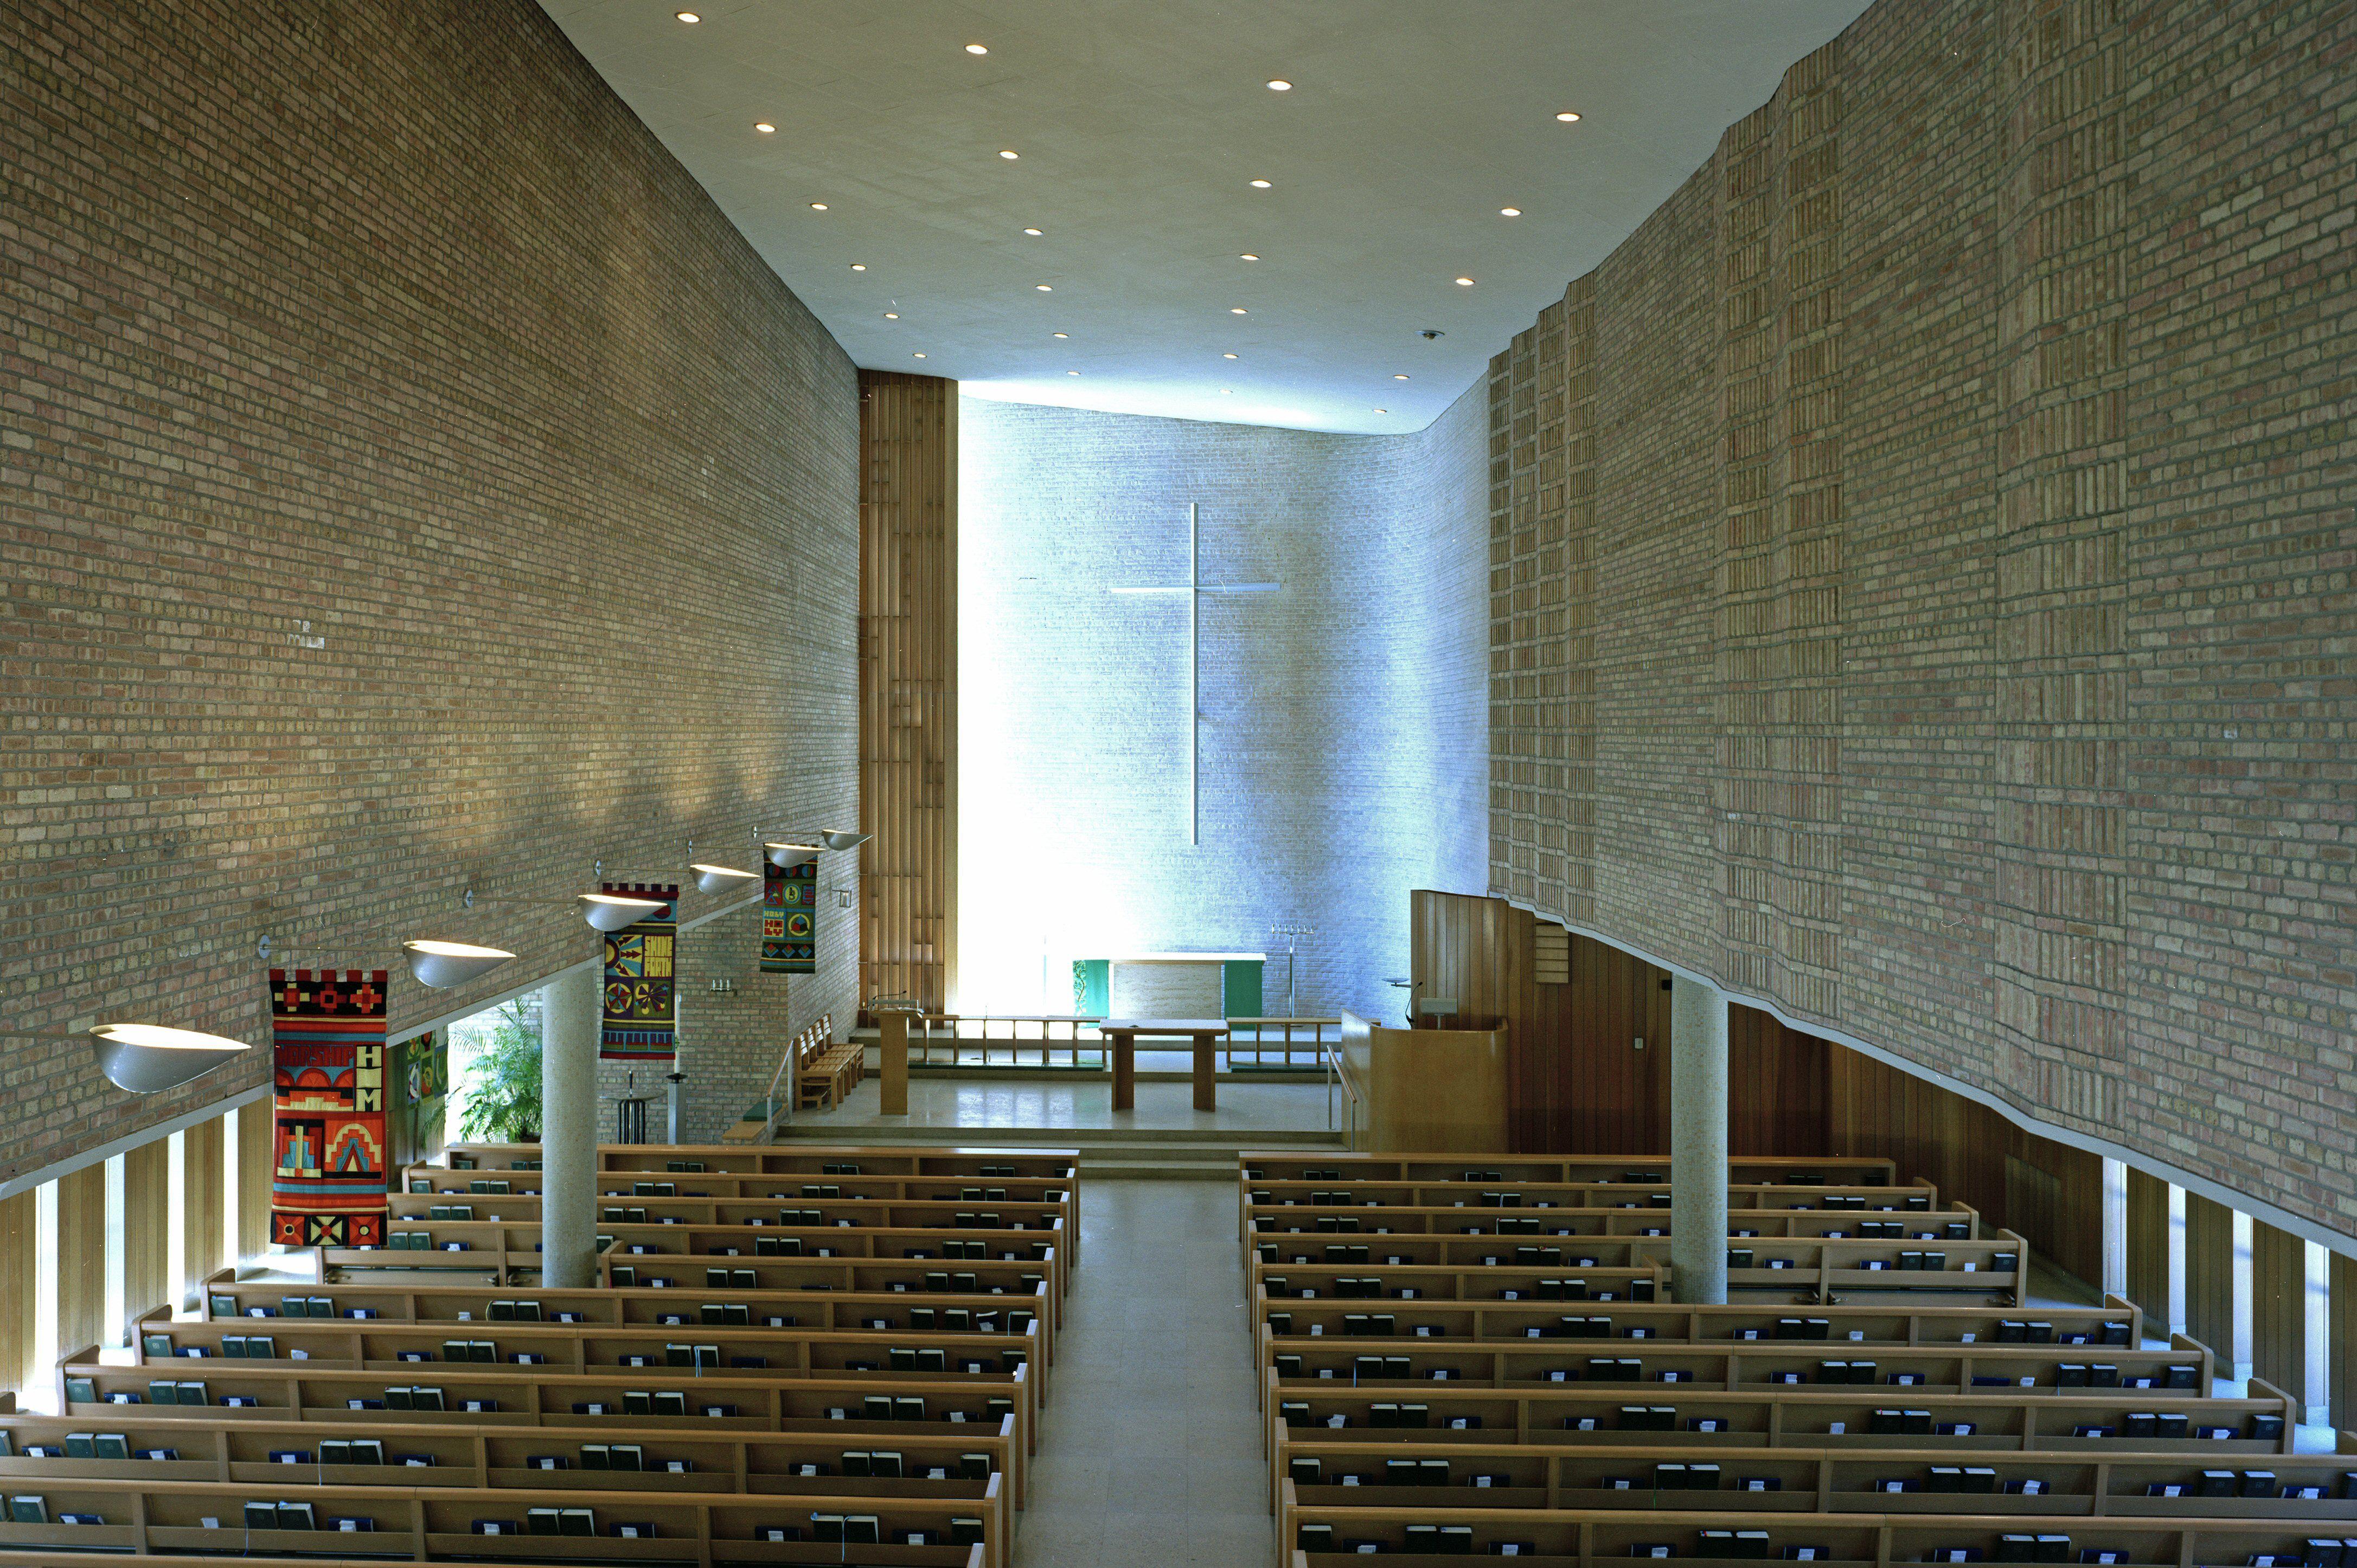 intérieur de l'église conçue par Eliel Saarinen et Eero Saarinen